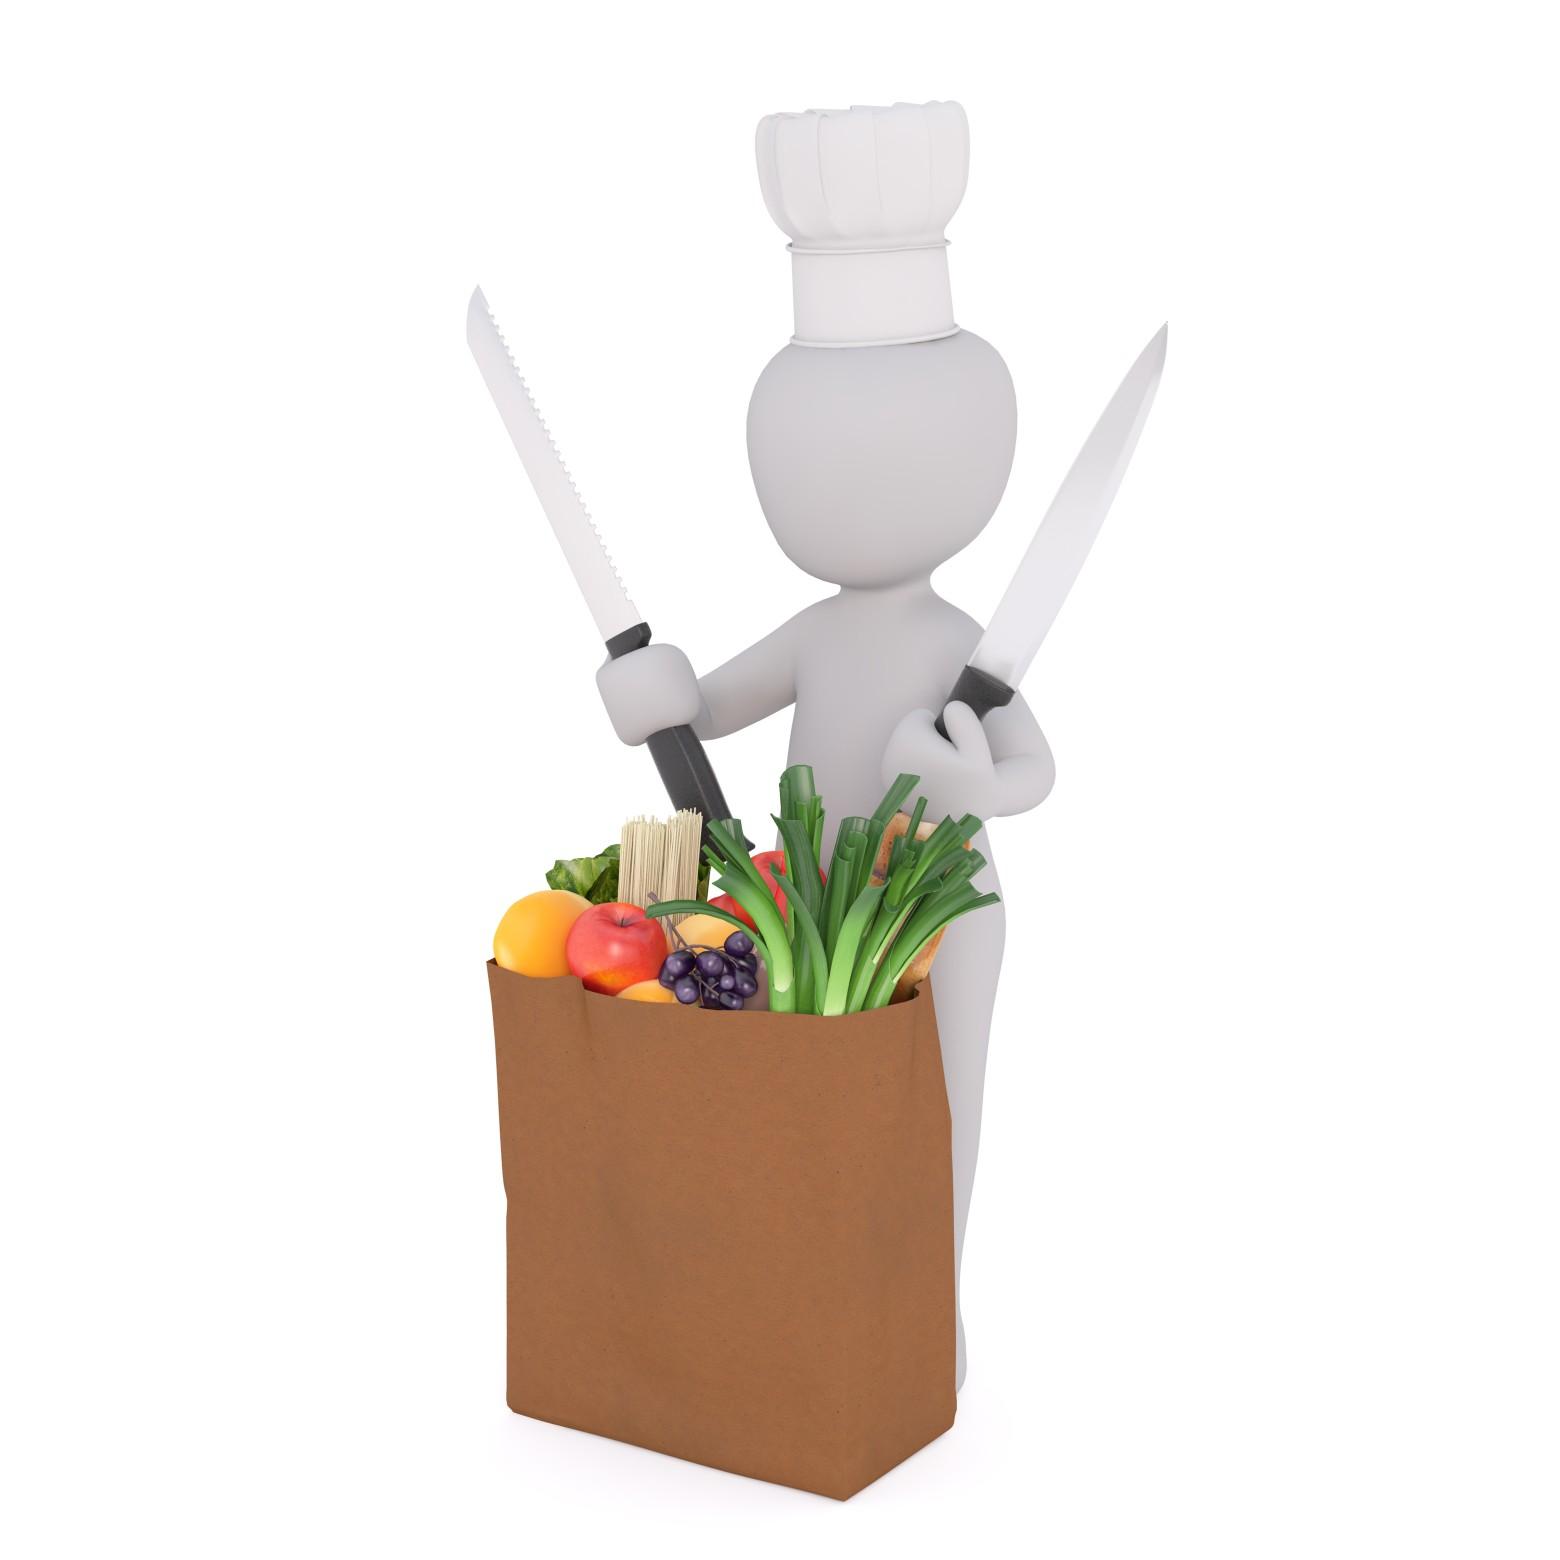 Cuisinier images gratuites images gratuites et libres de for Cuisinier etude